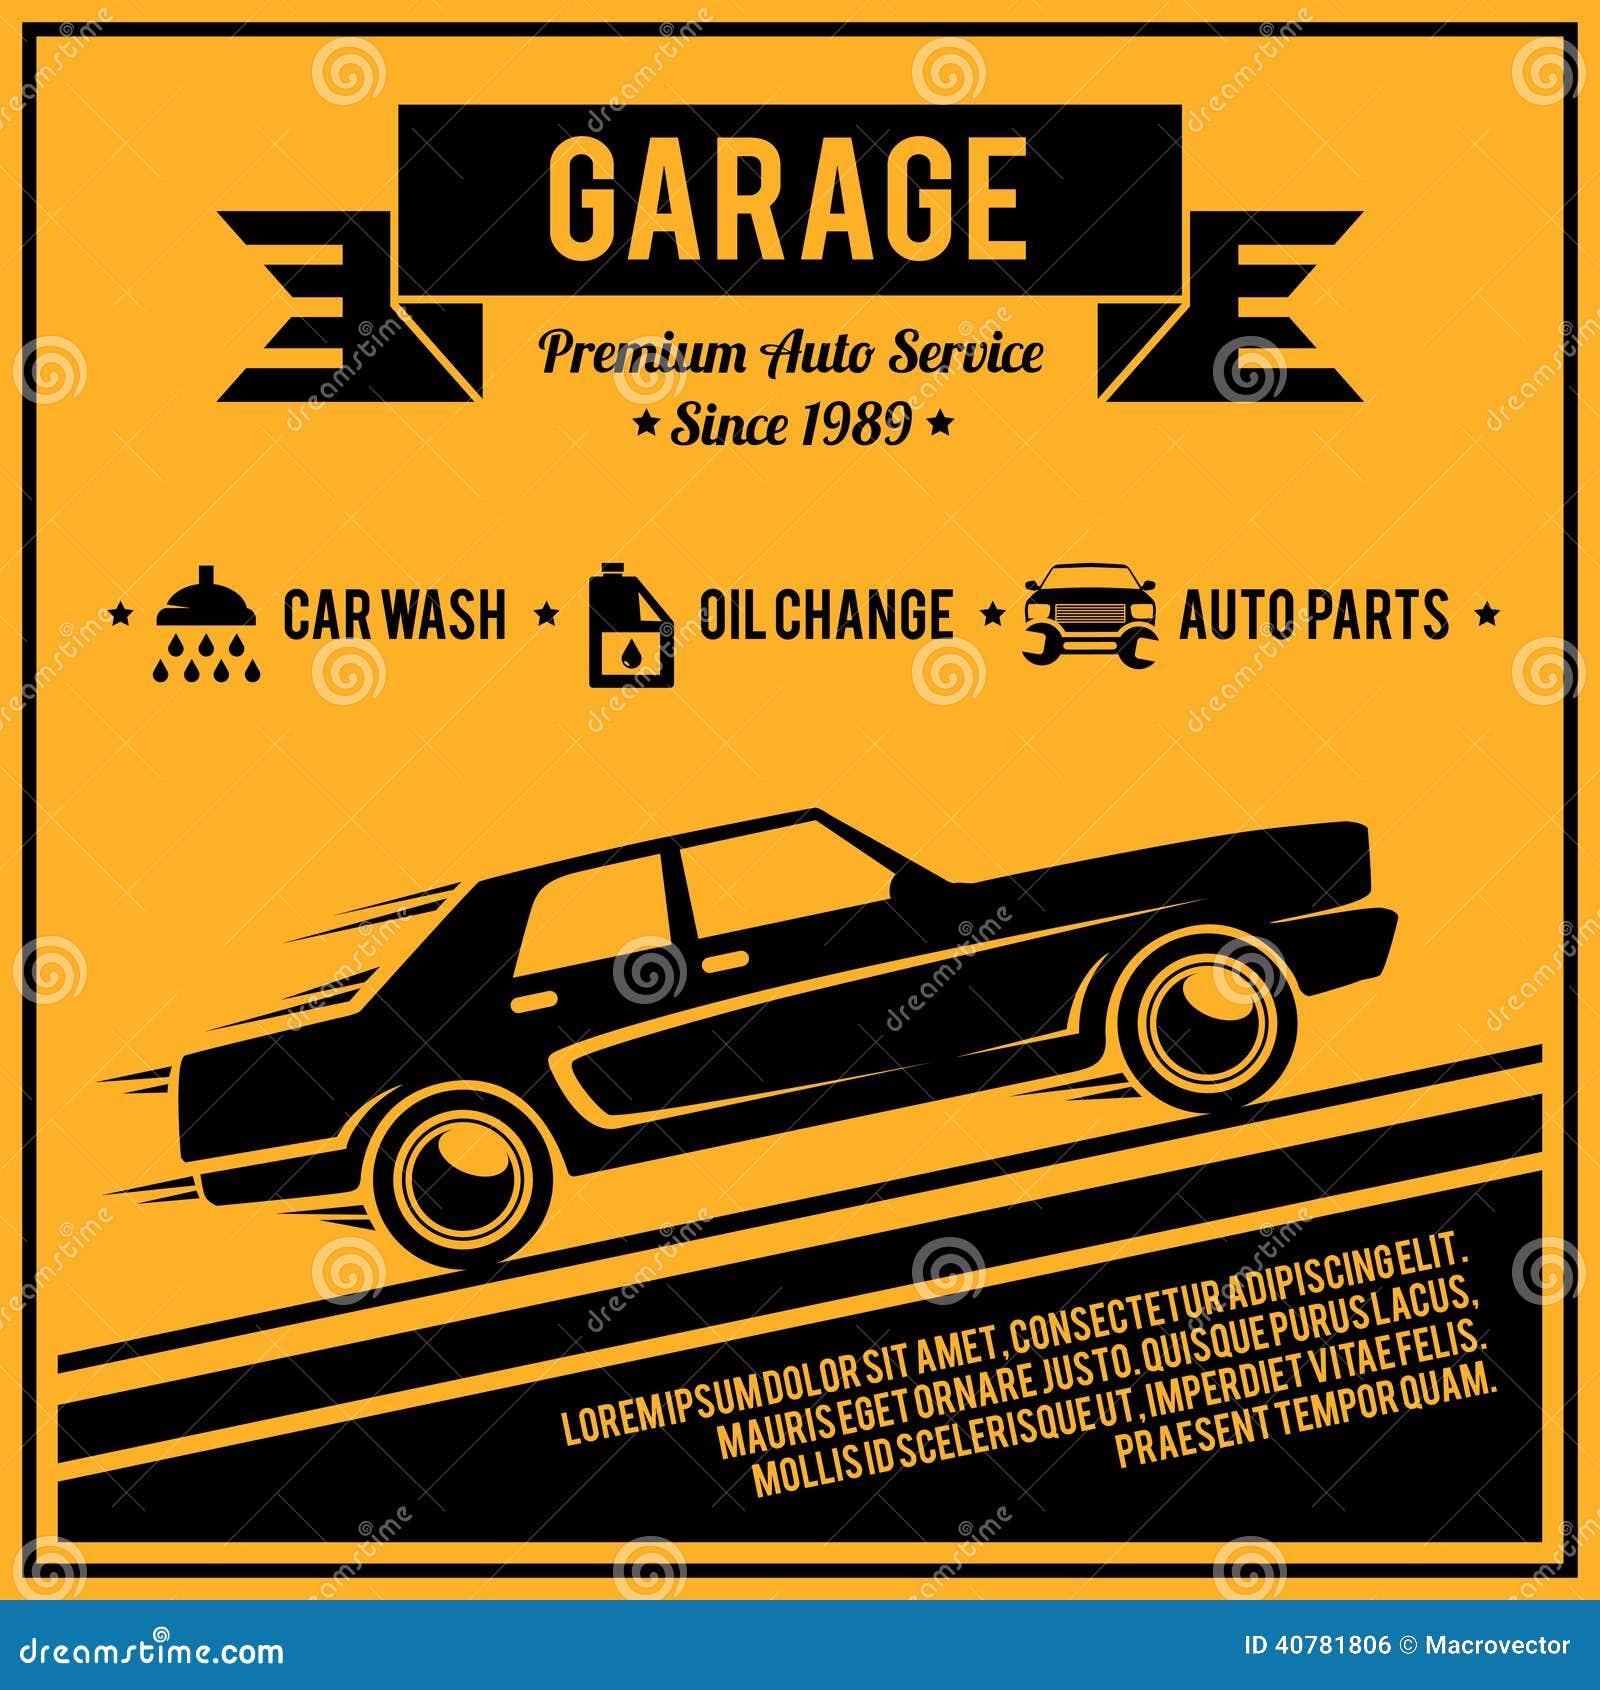 car garage logo ideas - Poster Auto Service Stock Vector Image